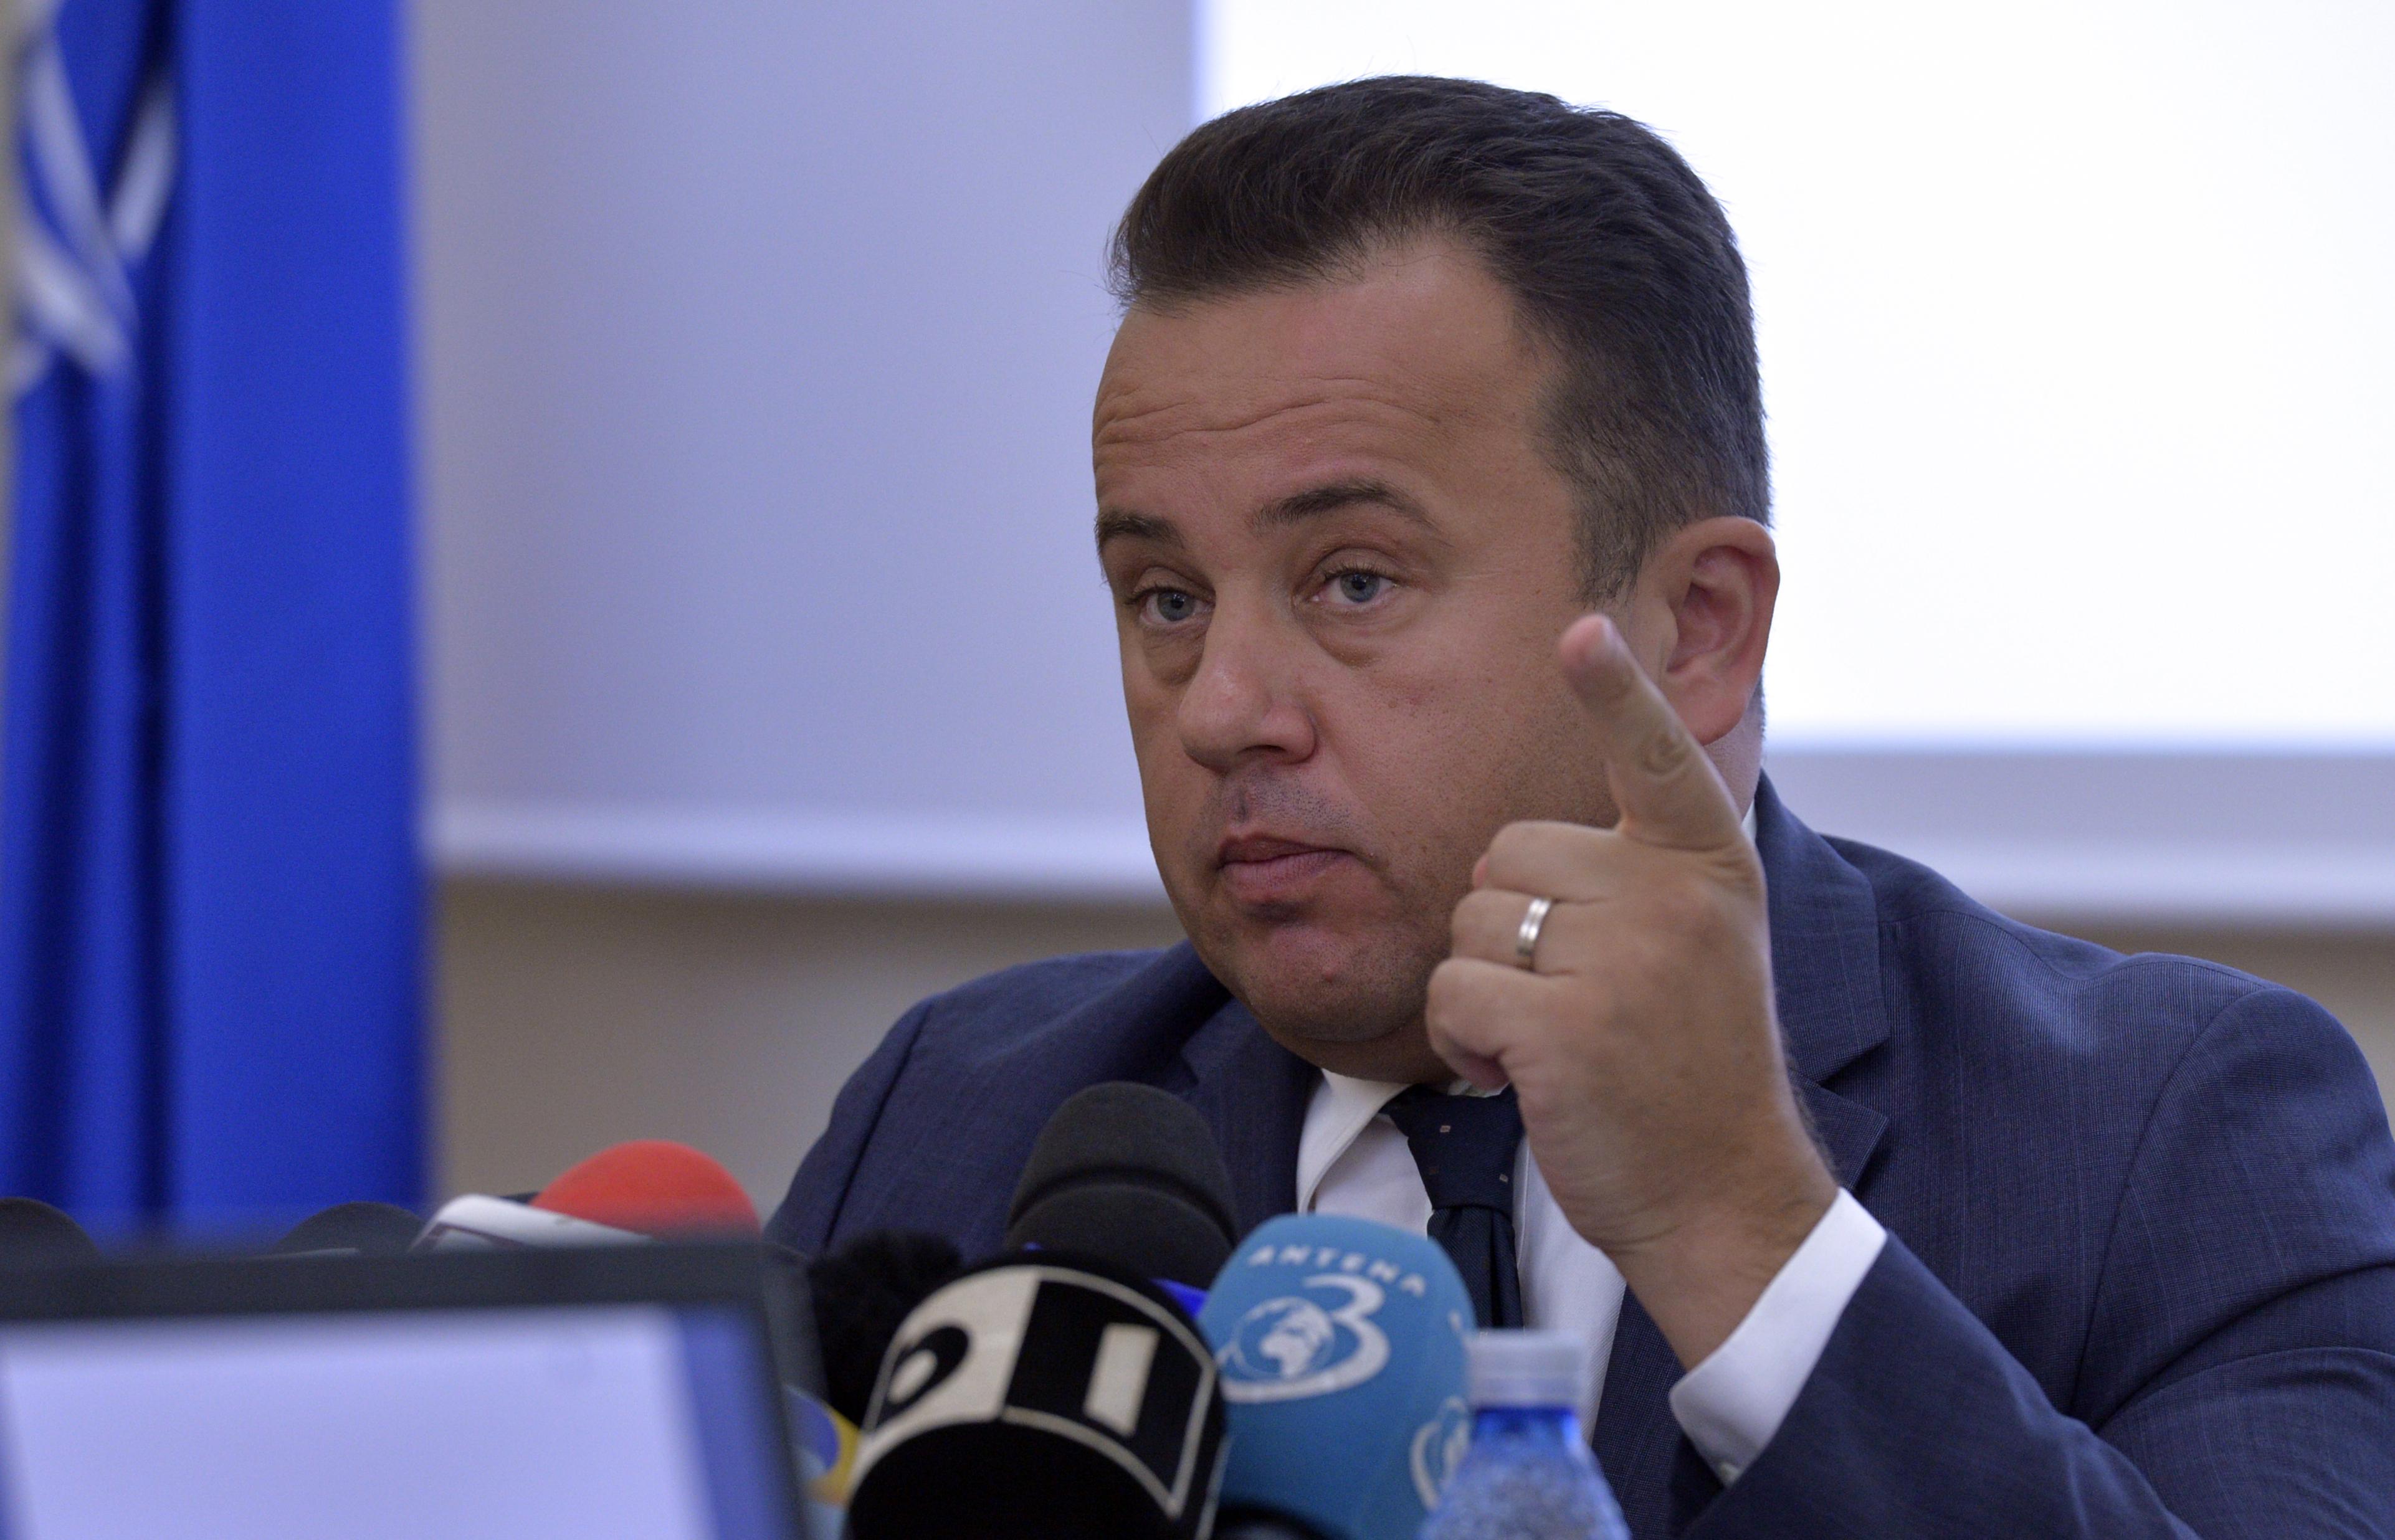 Inspectorii generali şcolari demişi din funcţii vor da in judecata Ministerul Educaţiei